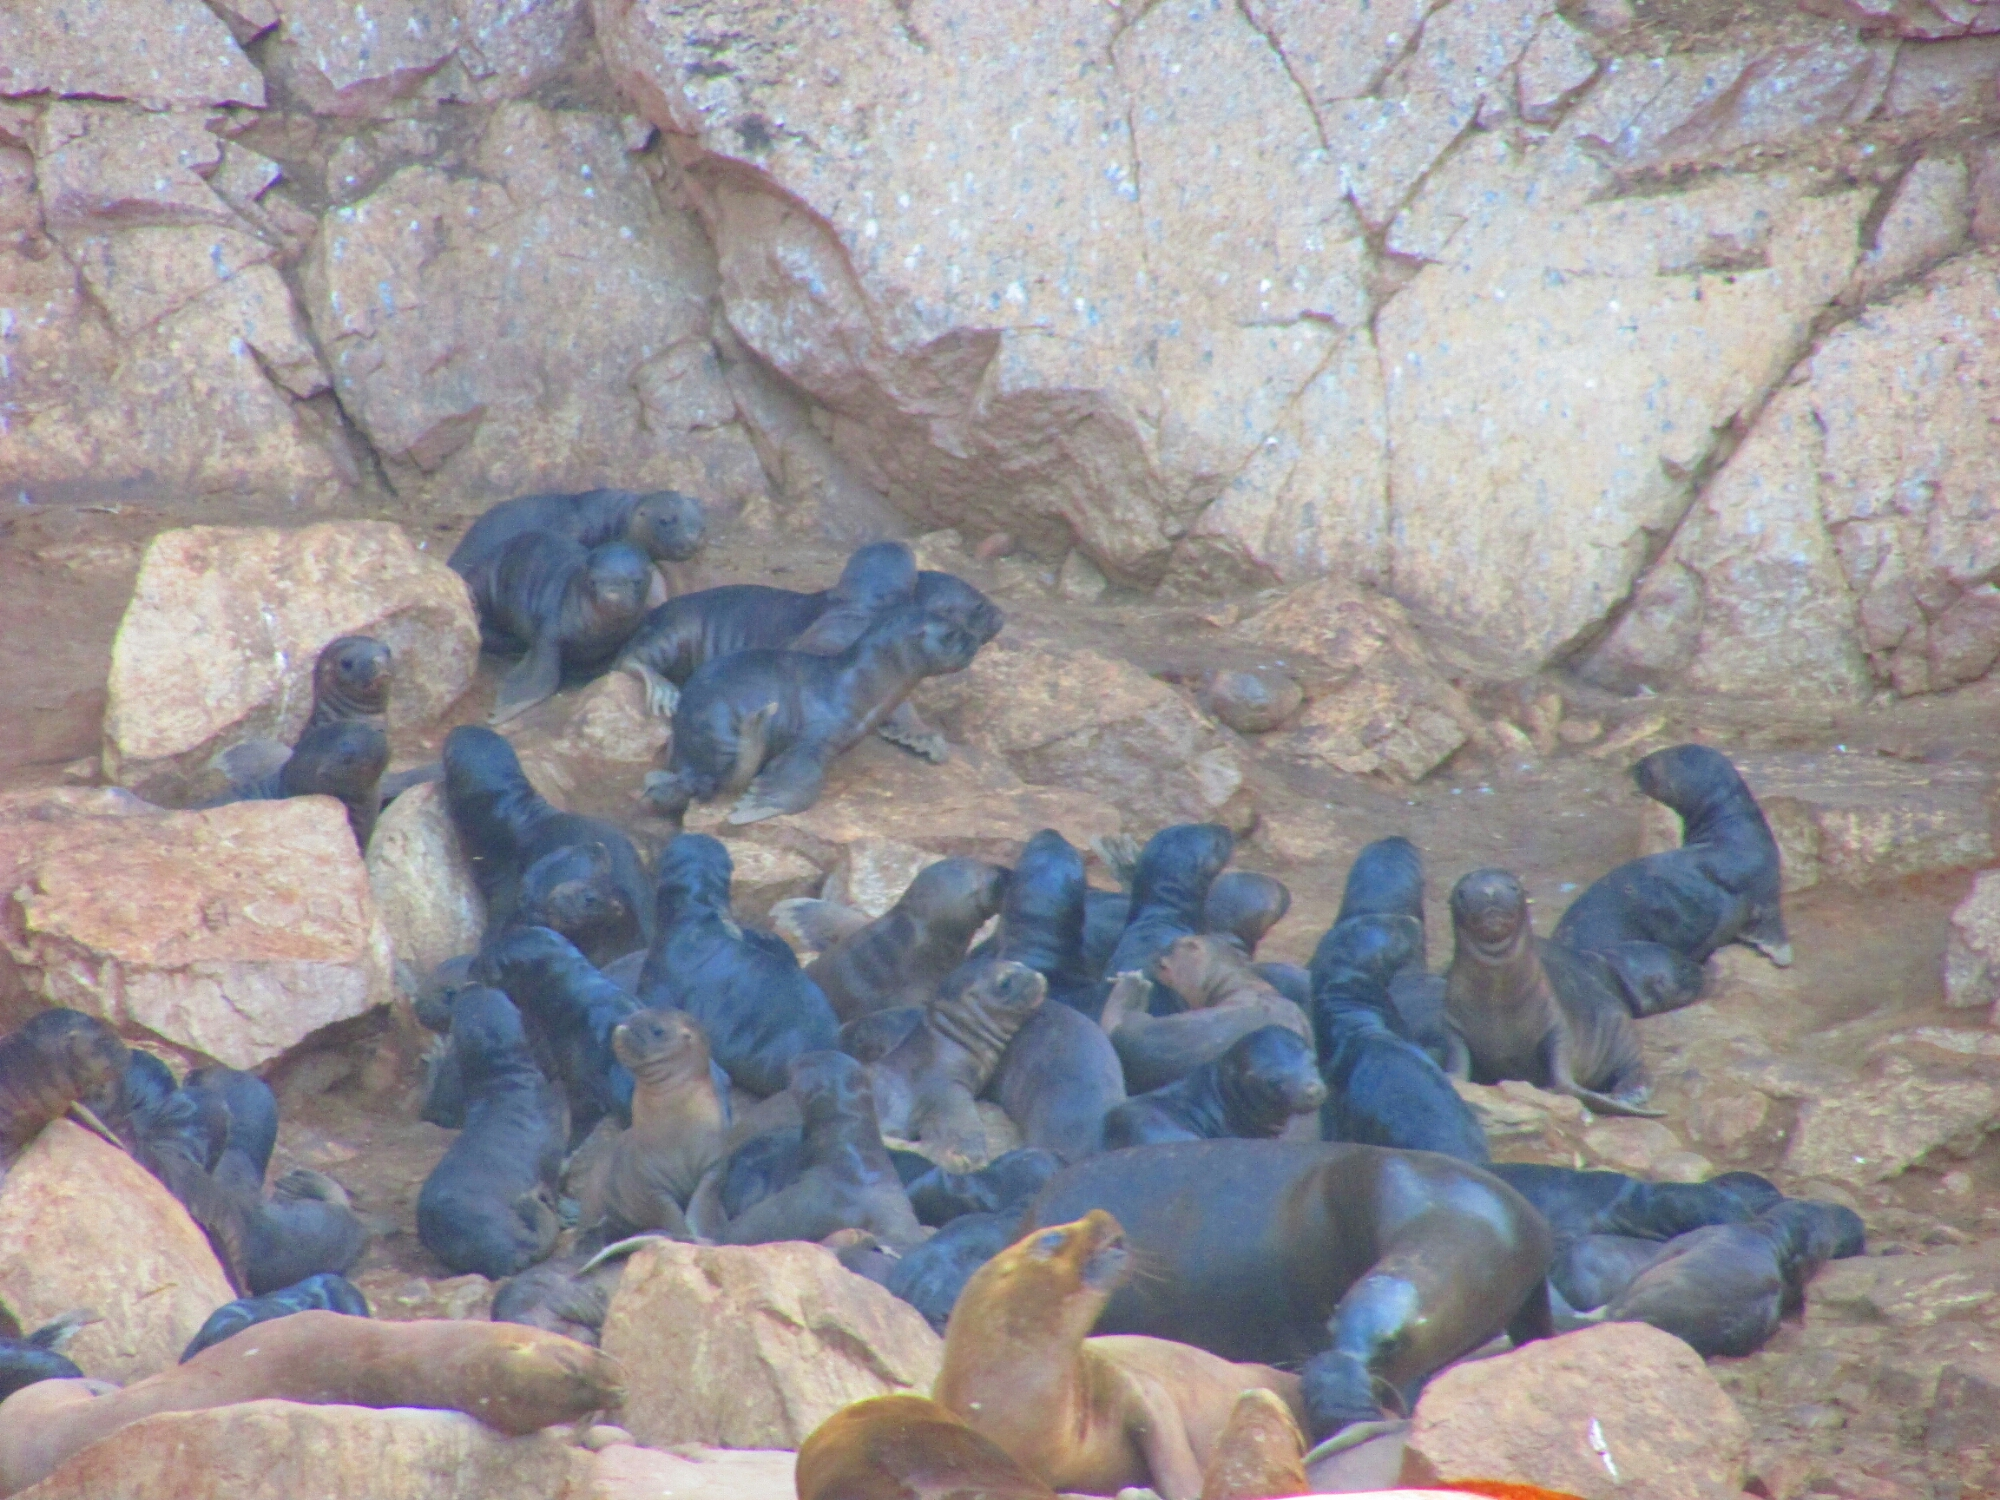 preciosos bebés lobo marinos en Isla Ballesta en Paracas, Perú